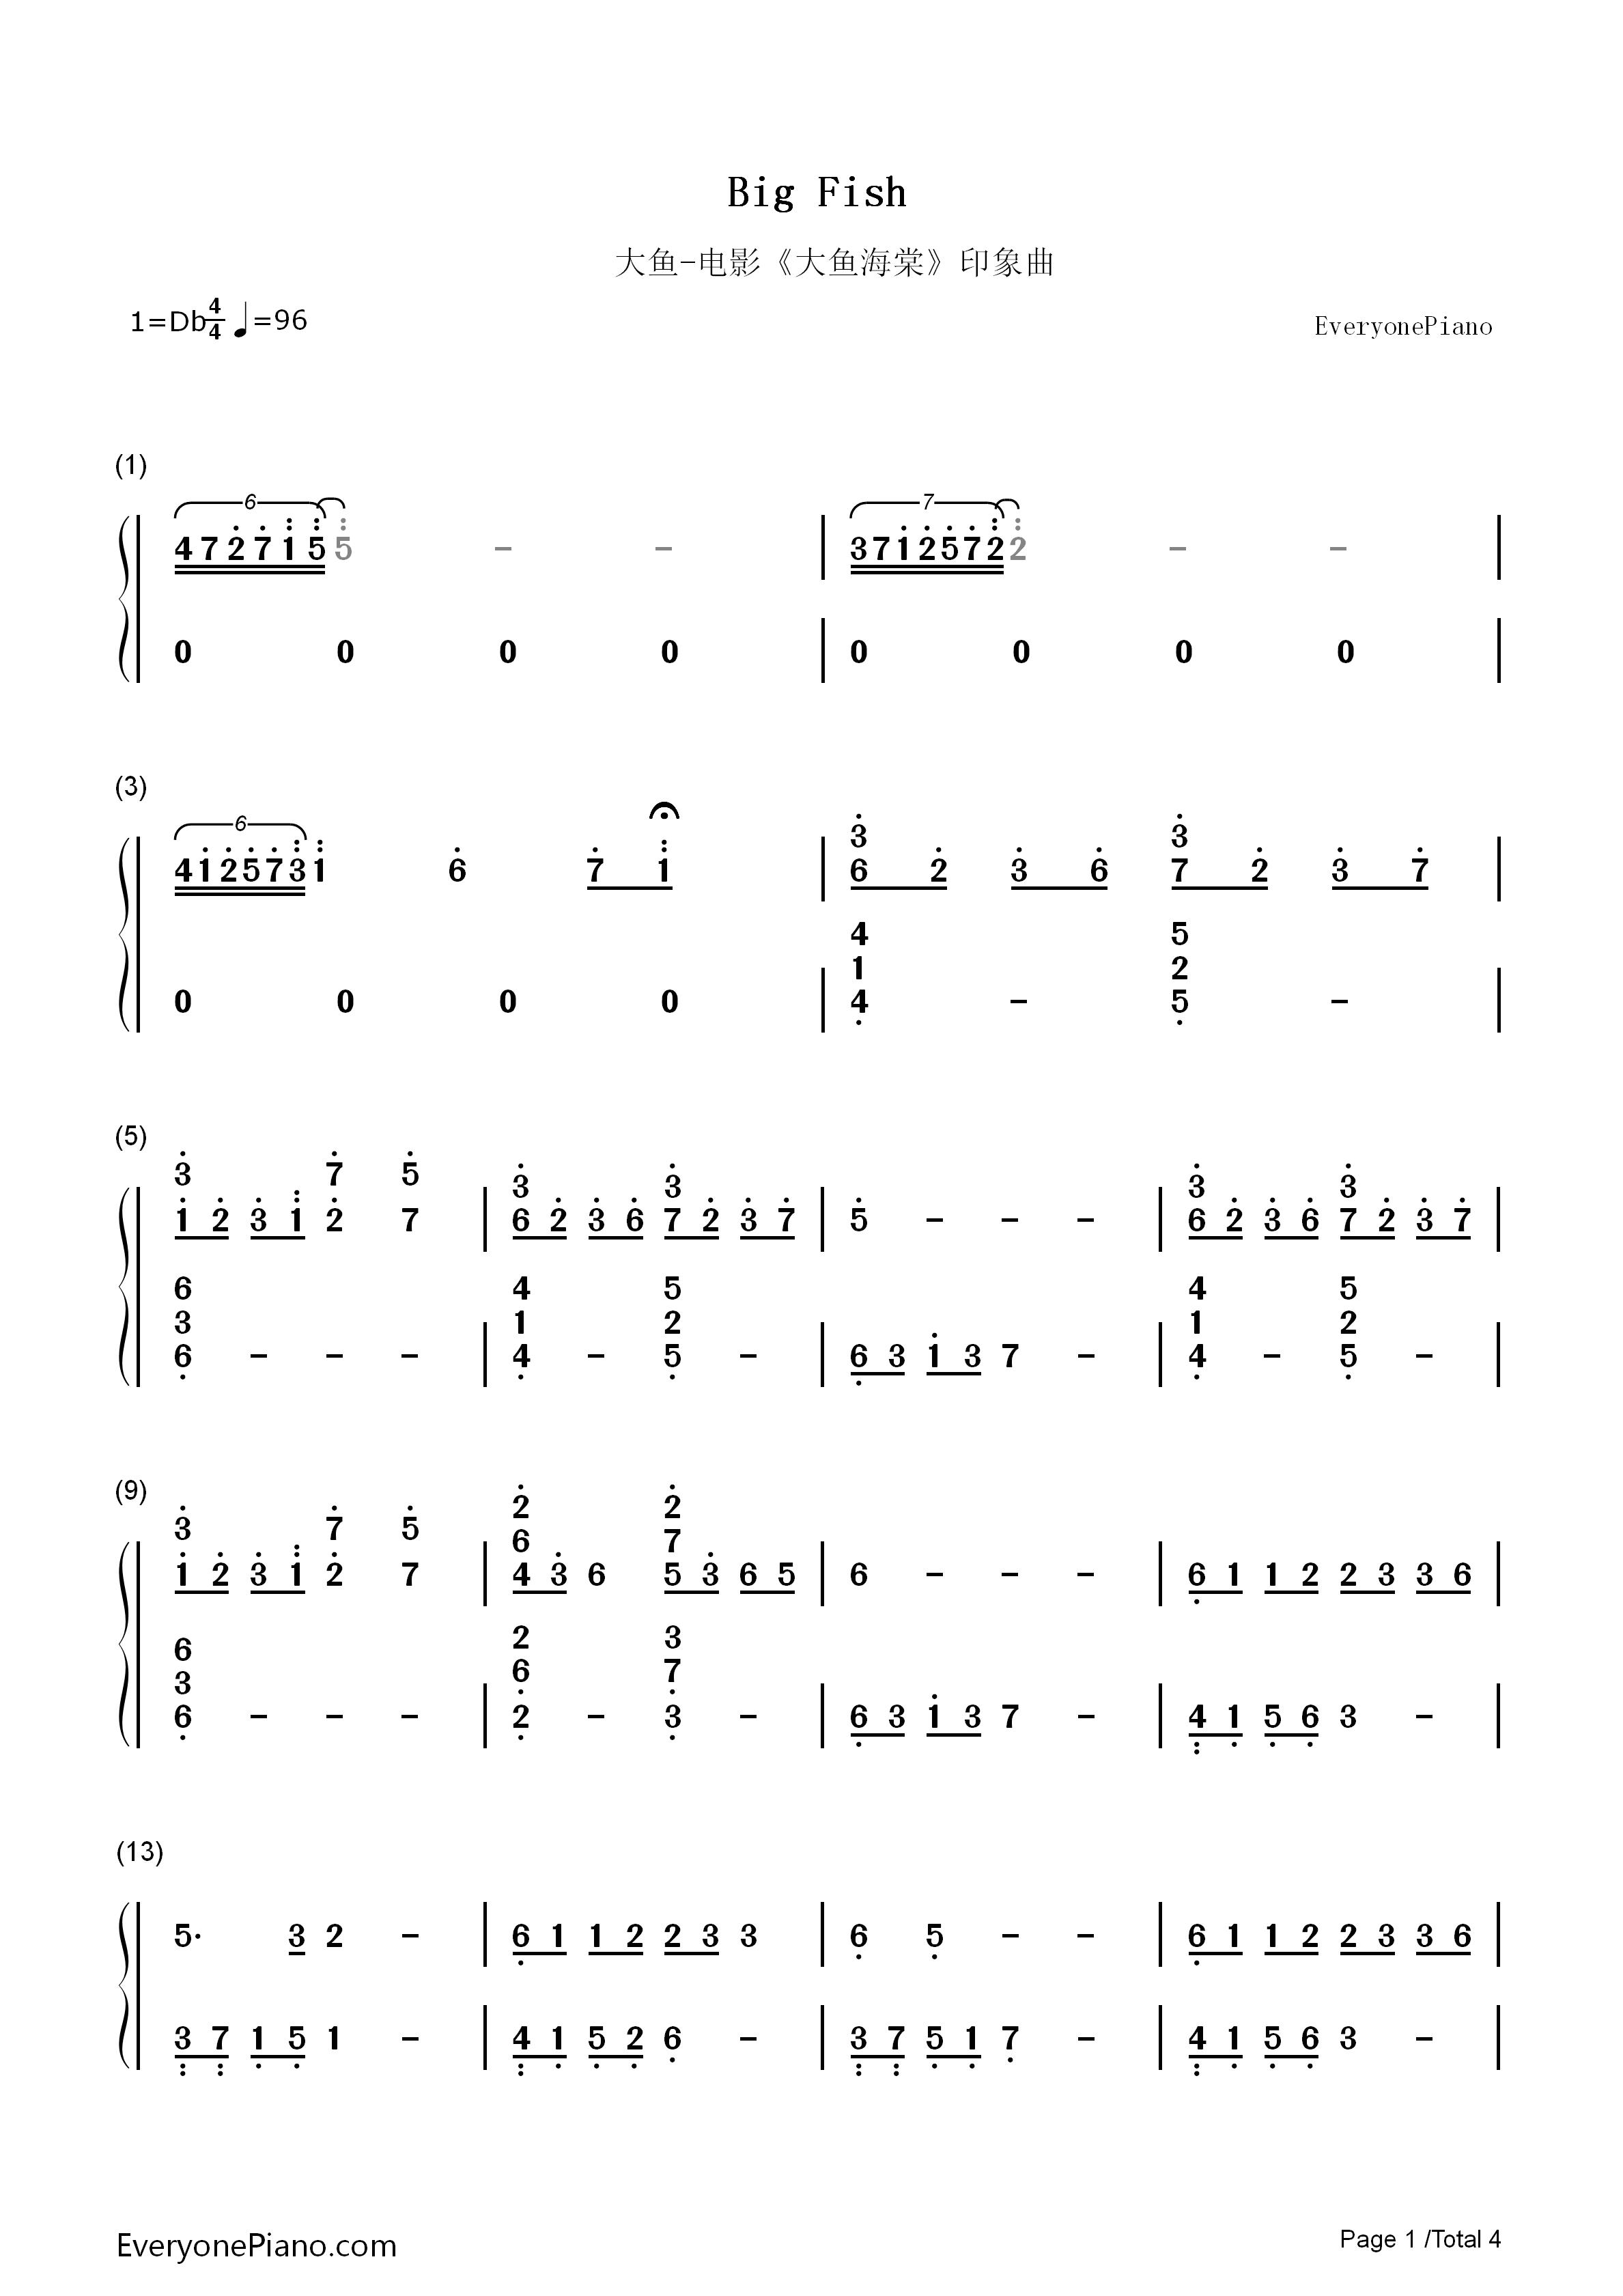 大鱼电子琴简谱数字版